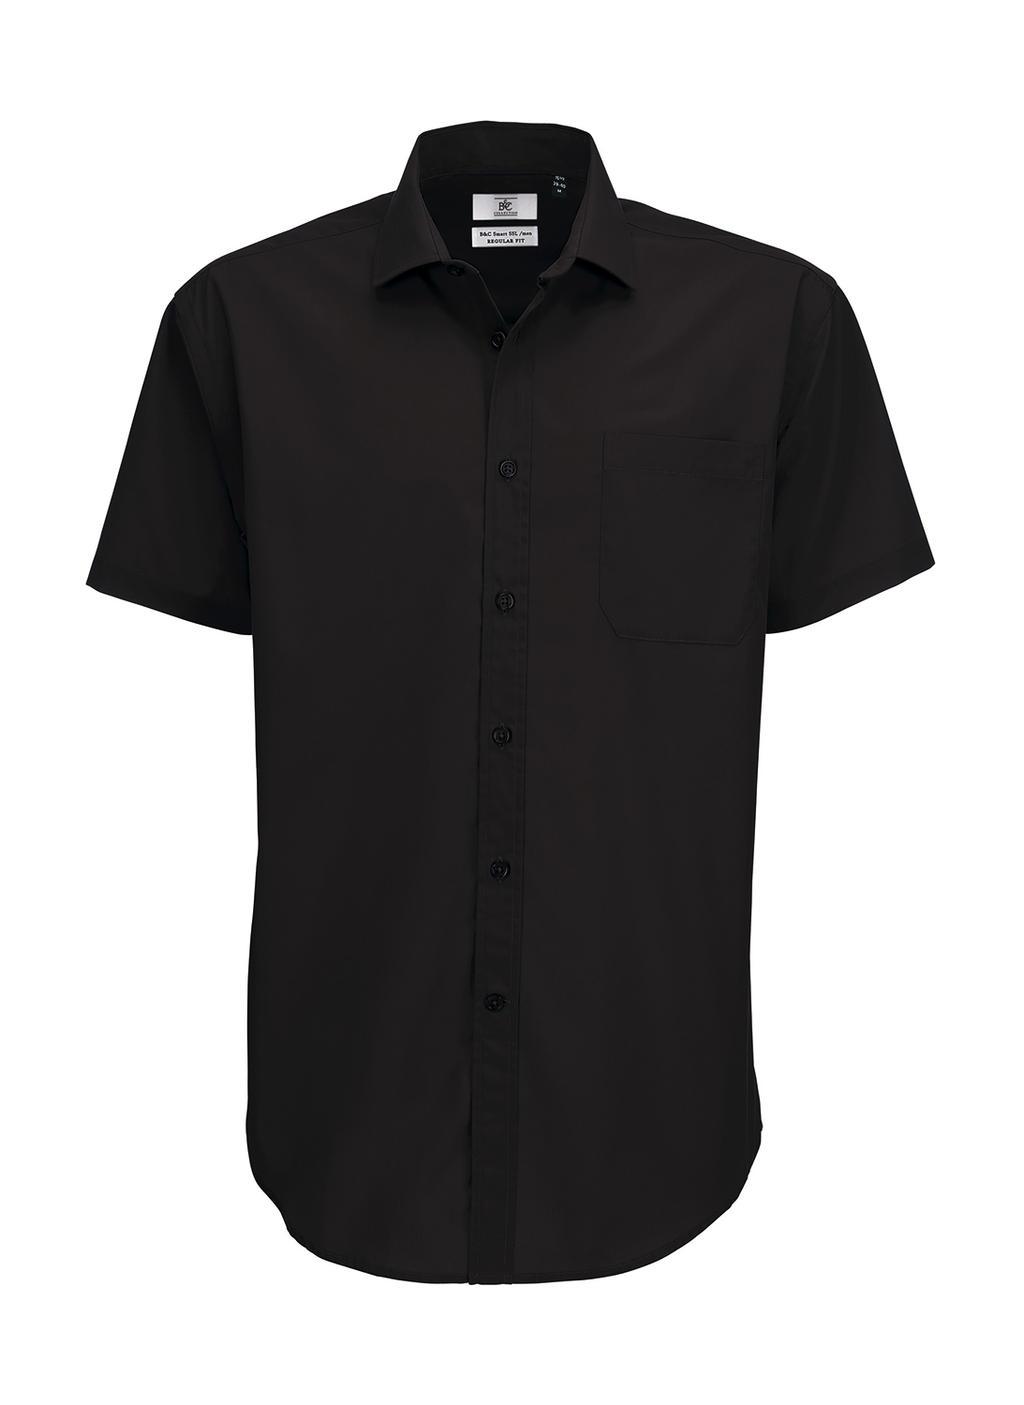 Pánská košile s krátkým rukávem Smart SSL/men - zvìtšit obrázek